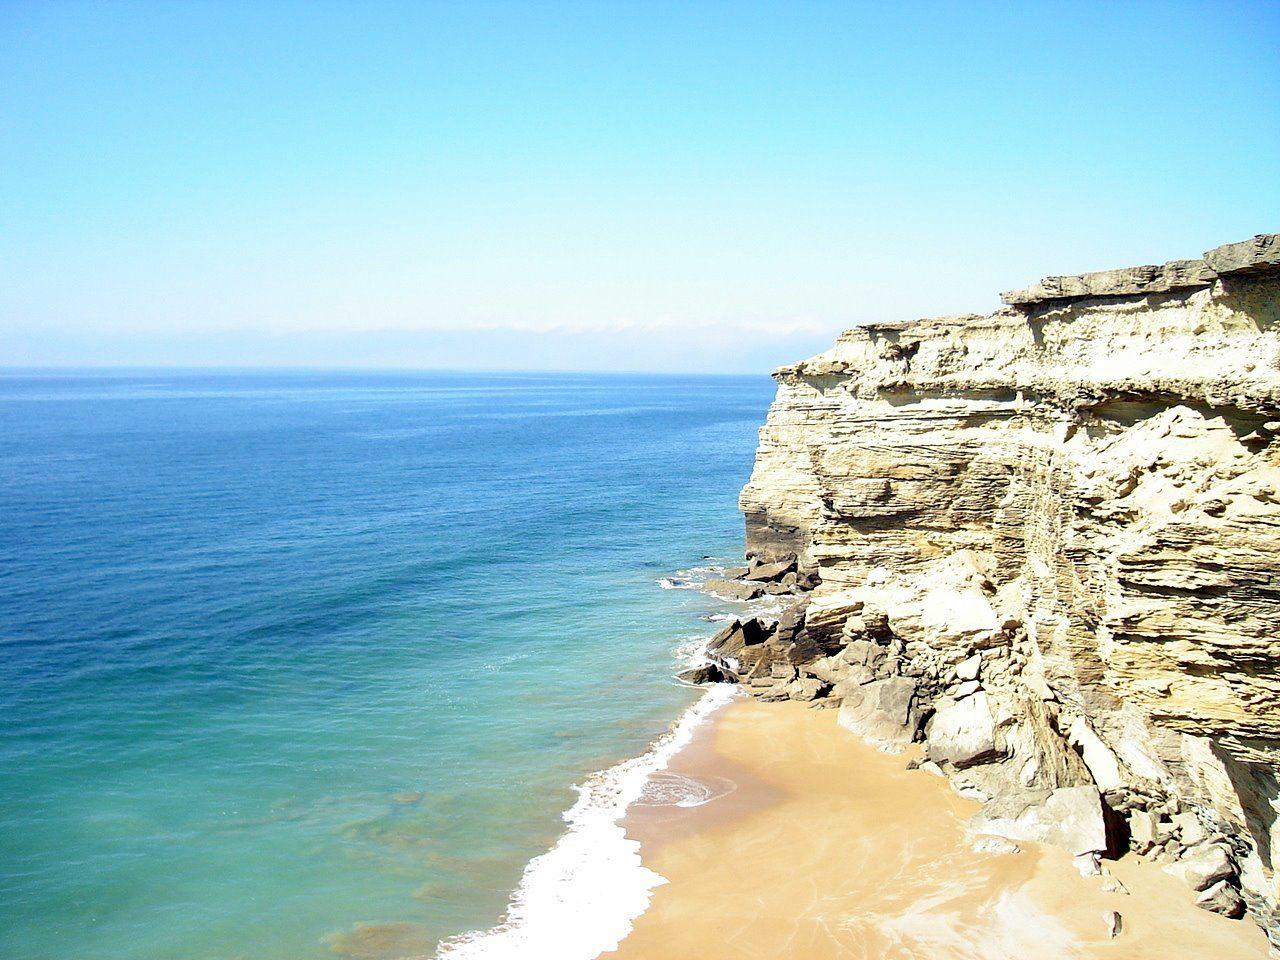 Gwadar Beach, Pakistan. The isolated Gwadar beaches are a ...